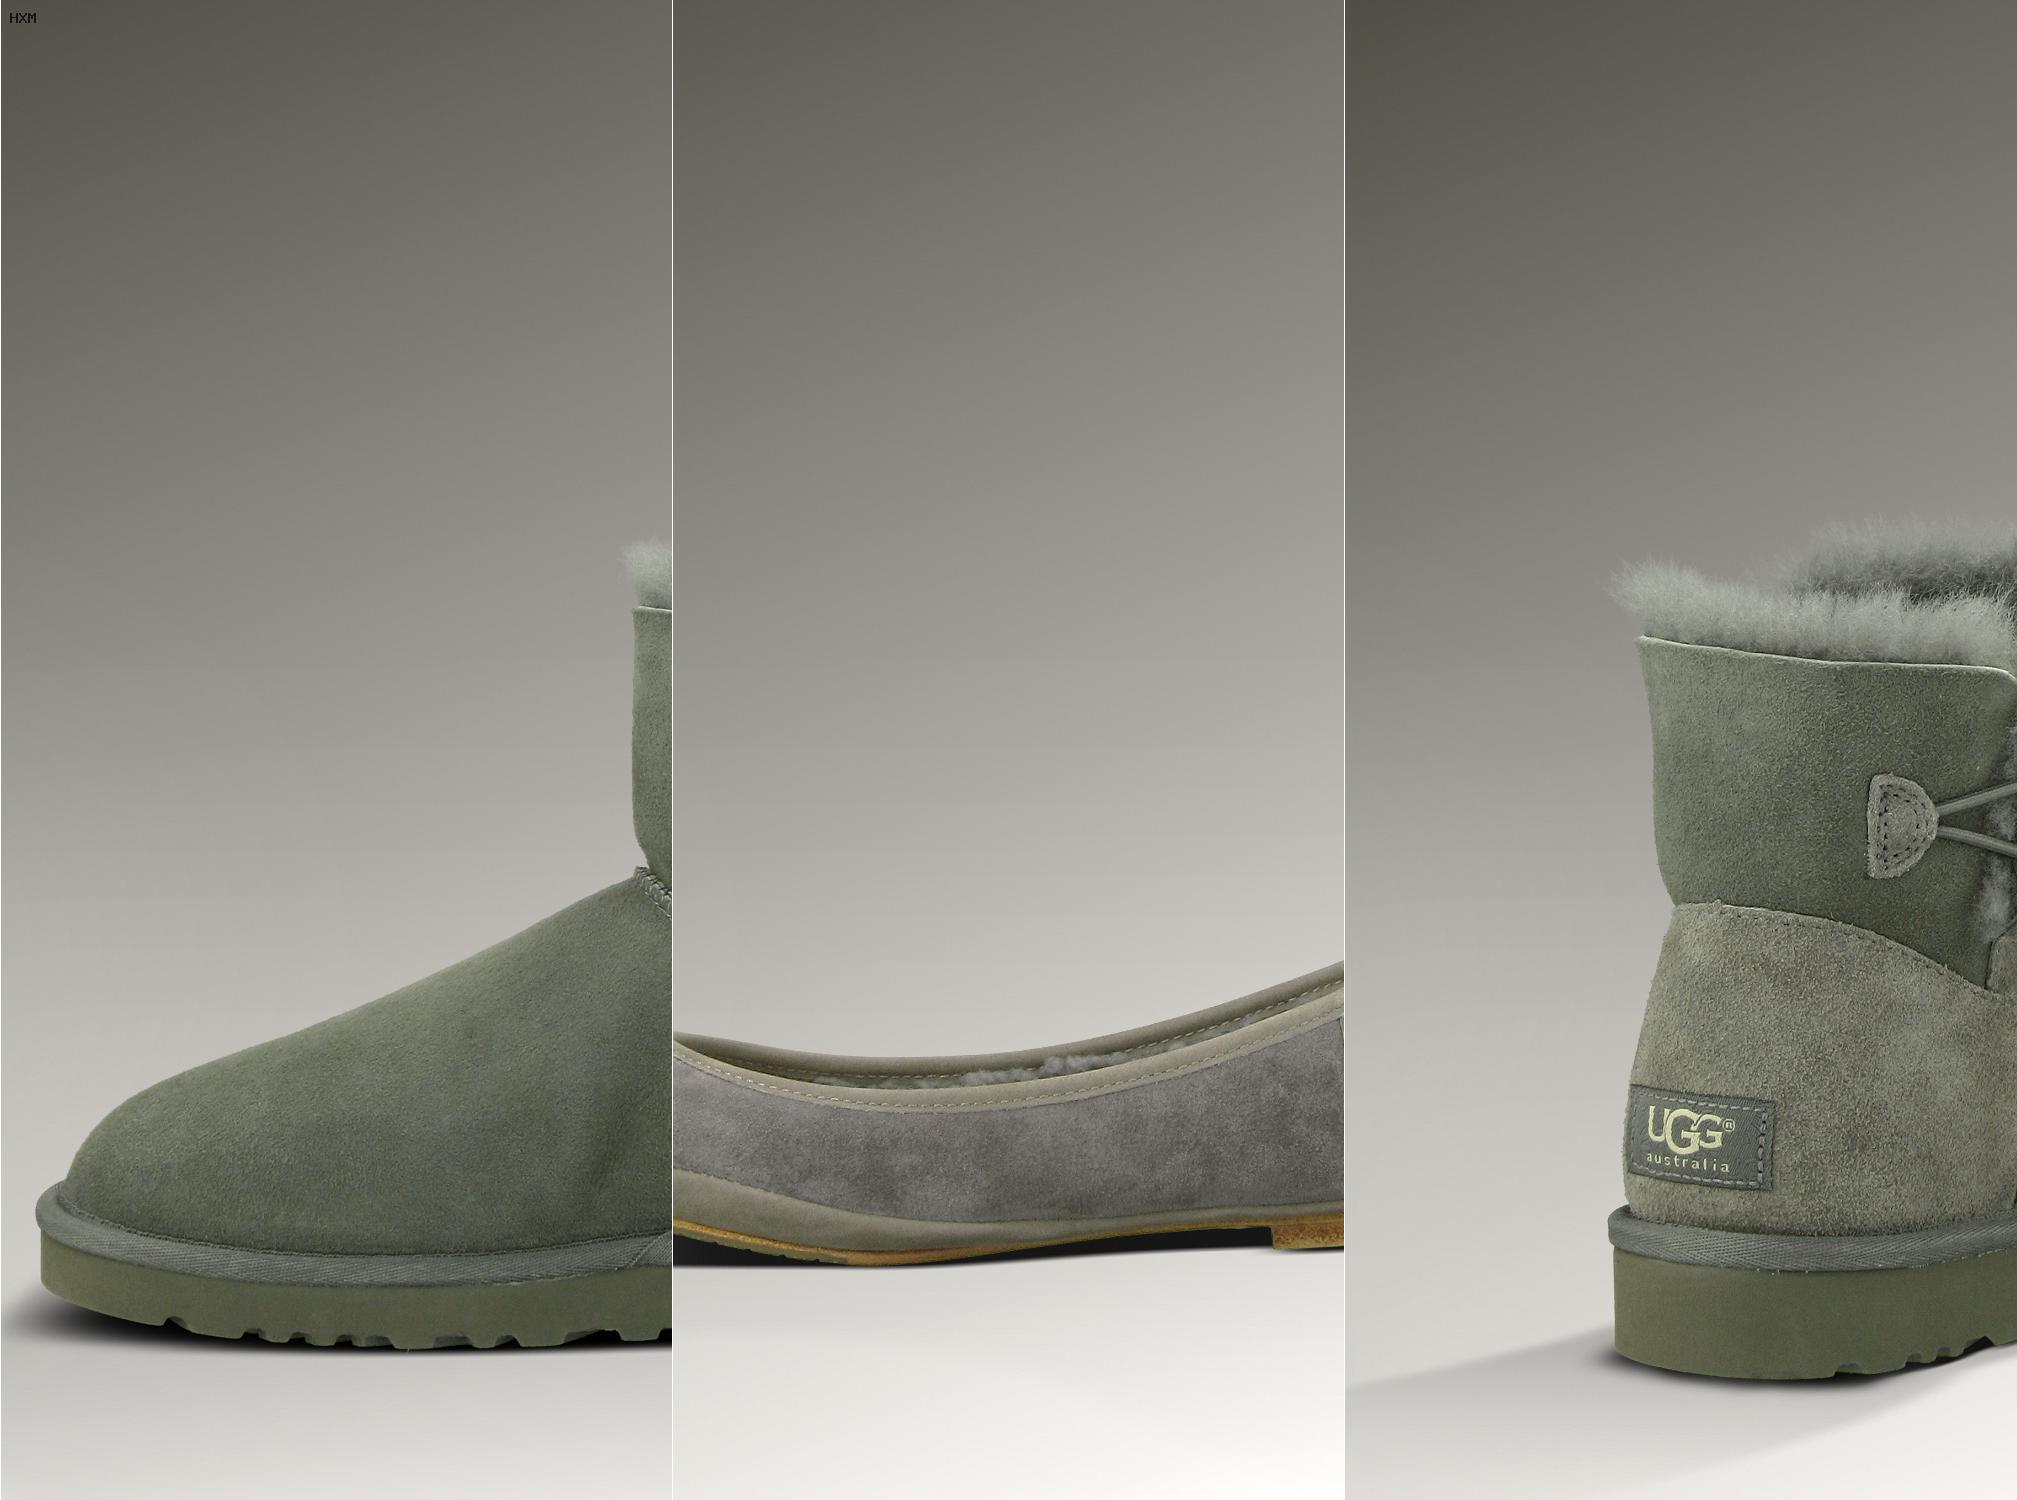 botas de mujer ugg planas de piel con forro de lana